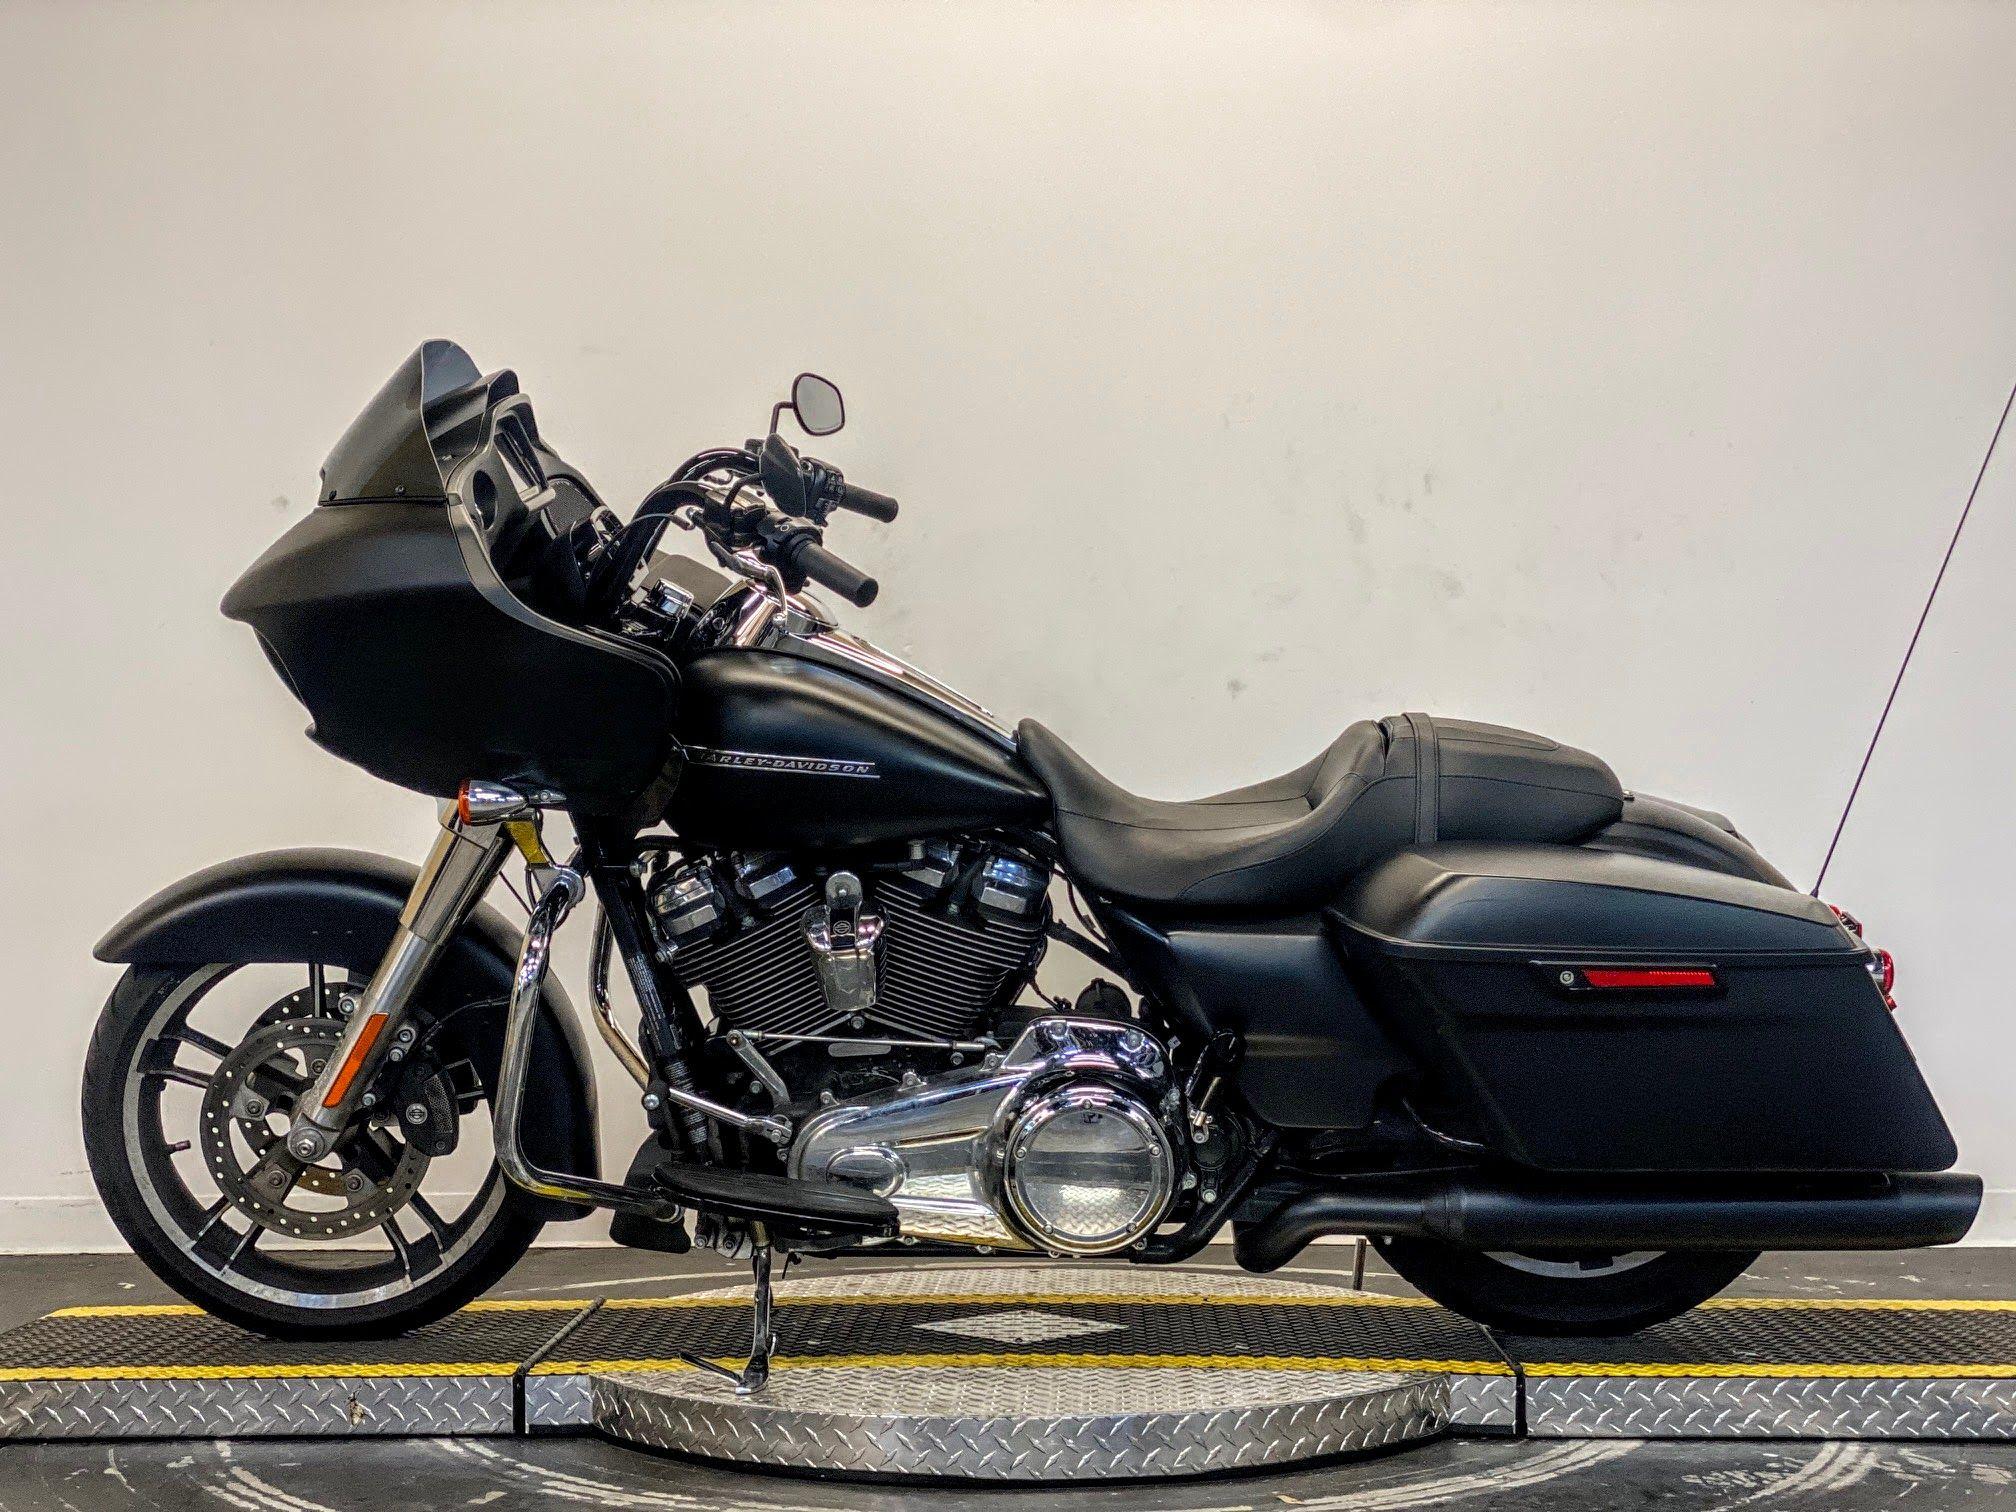 Pre-Owned 2018 Harley-Davidson Road Glide FLTRX